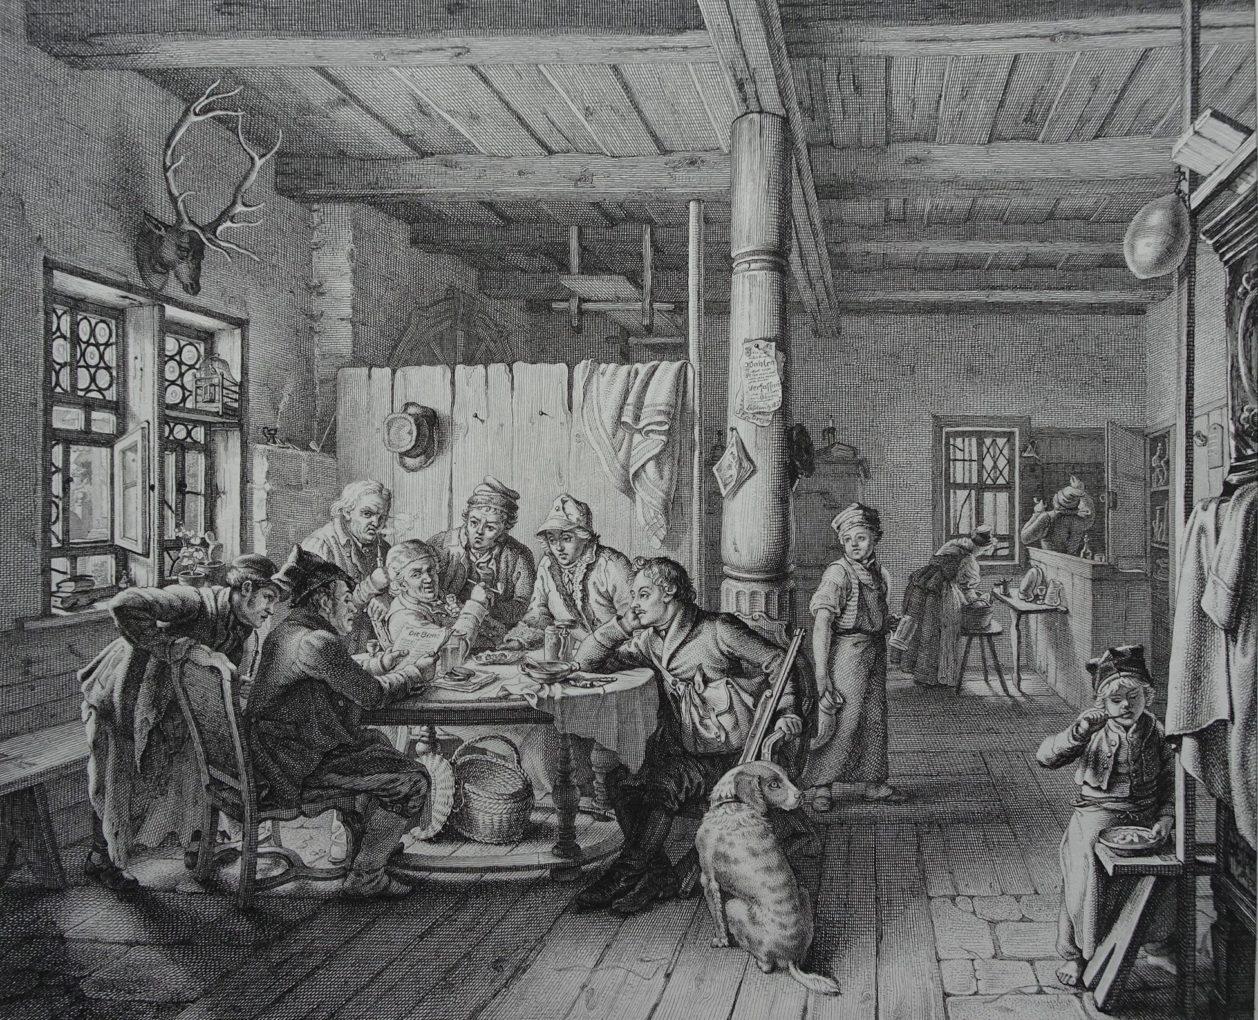 Christian Ernst Stölzel (1792–1837), Kolegium prasowe, według obrazu Ludwiga Mosta, akwaforta na papierze, 1832, Muzeum Narodowe w Szczecinie